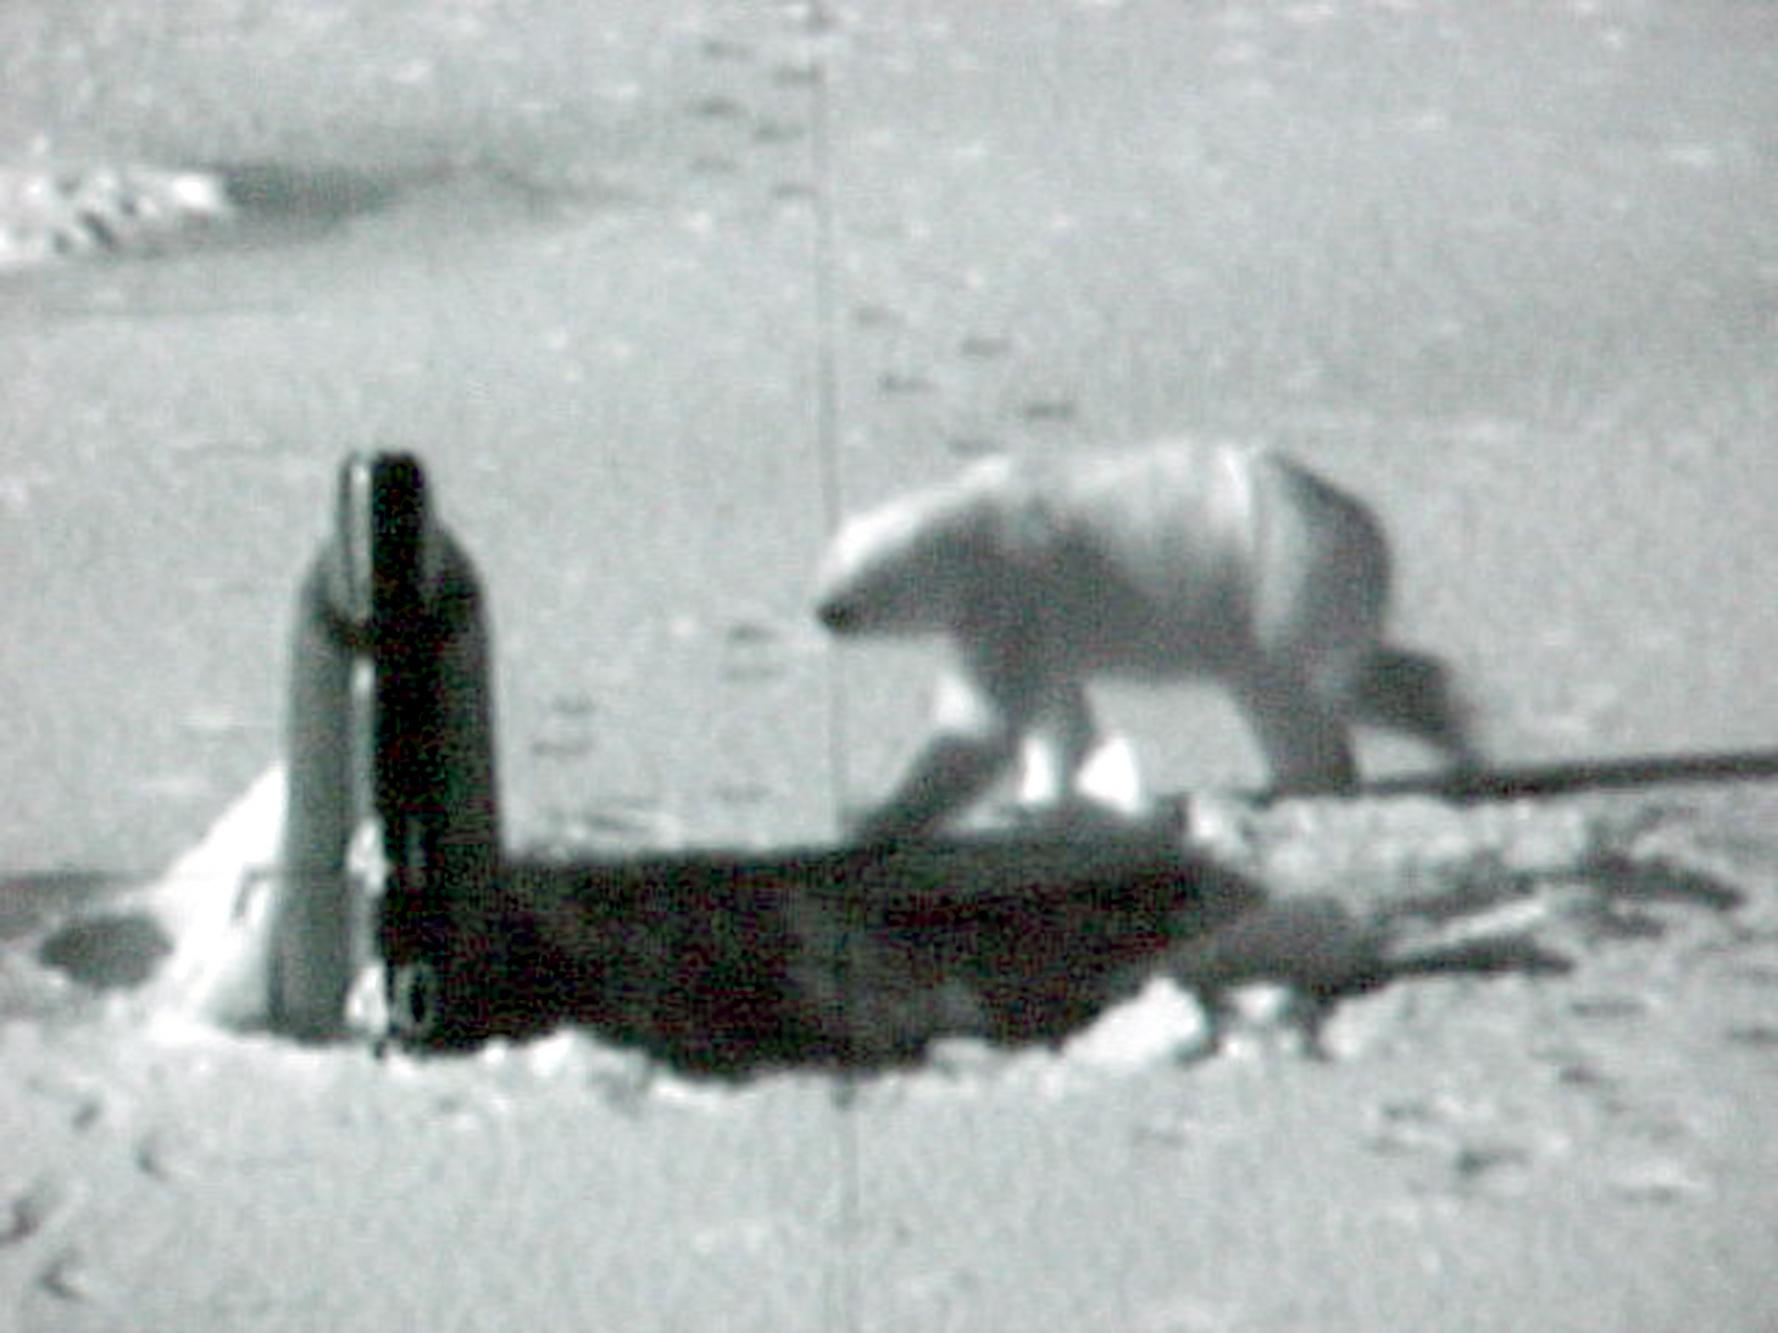 太逗了:北极熊把美国核潜艇当大鱼抱啃了半天 (图) - 纽约文摘 - 纽约文摘